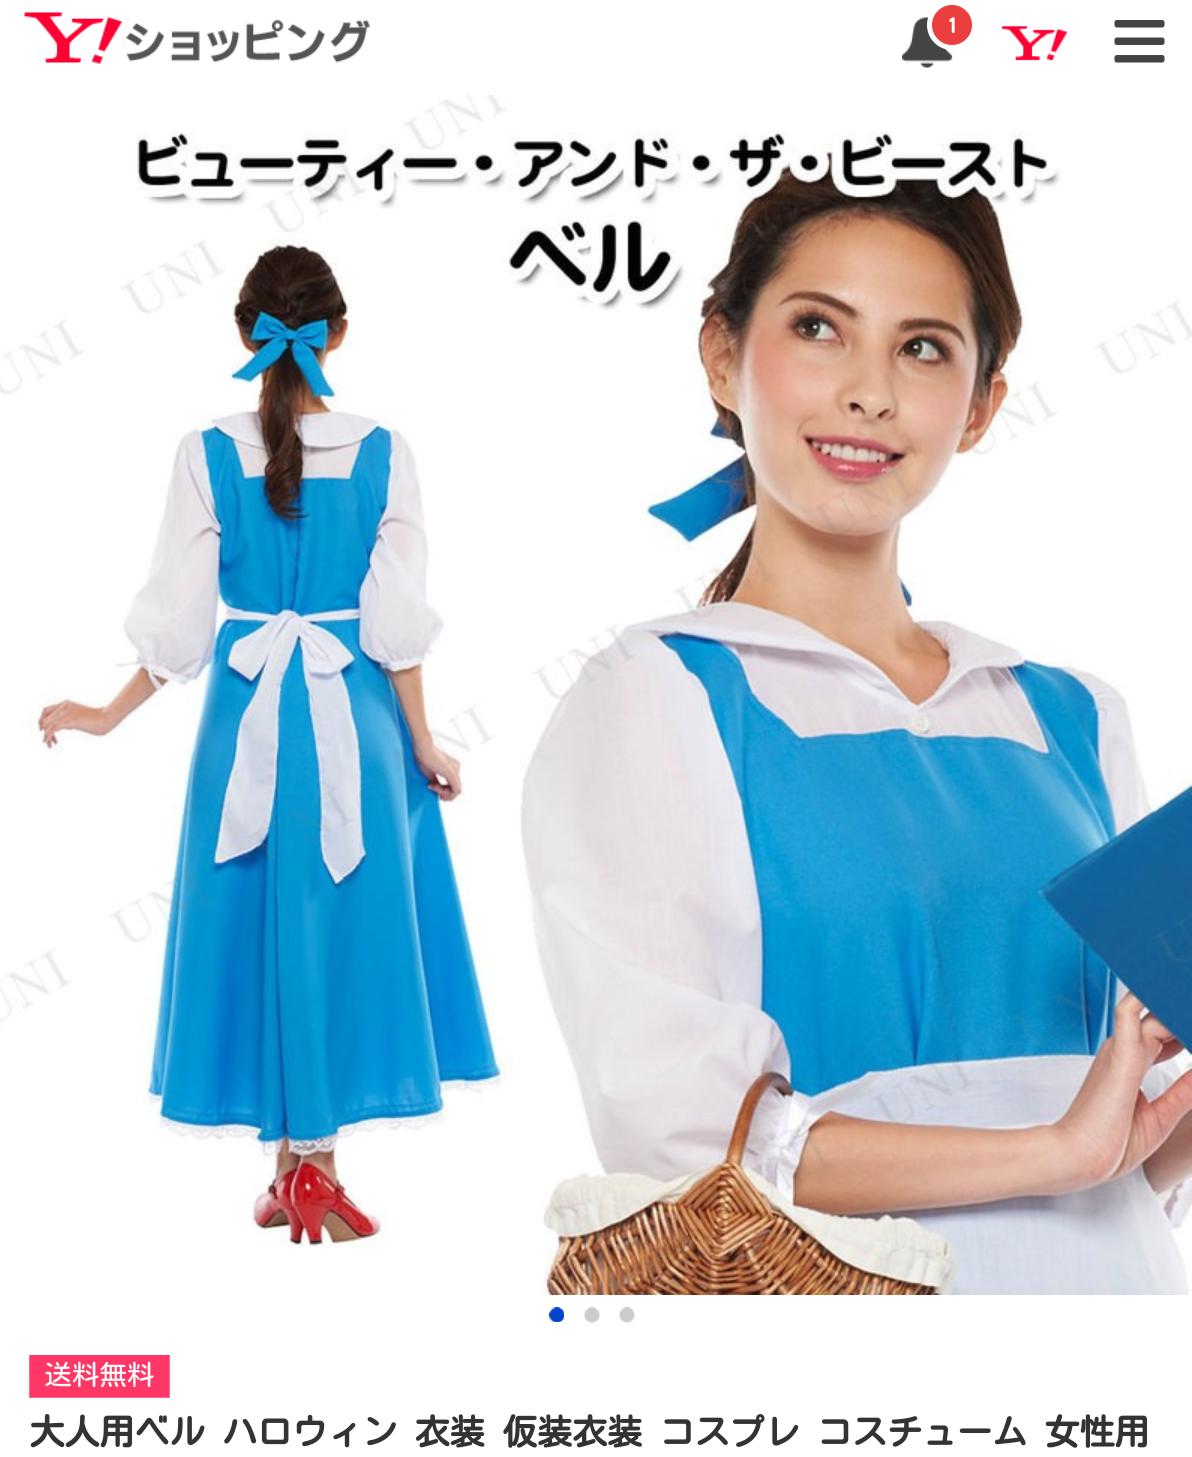 【ディズニー大人仮装】プリンセス・アリス・アナの通販商品【安い】